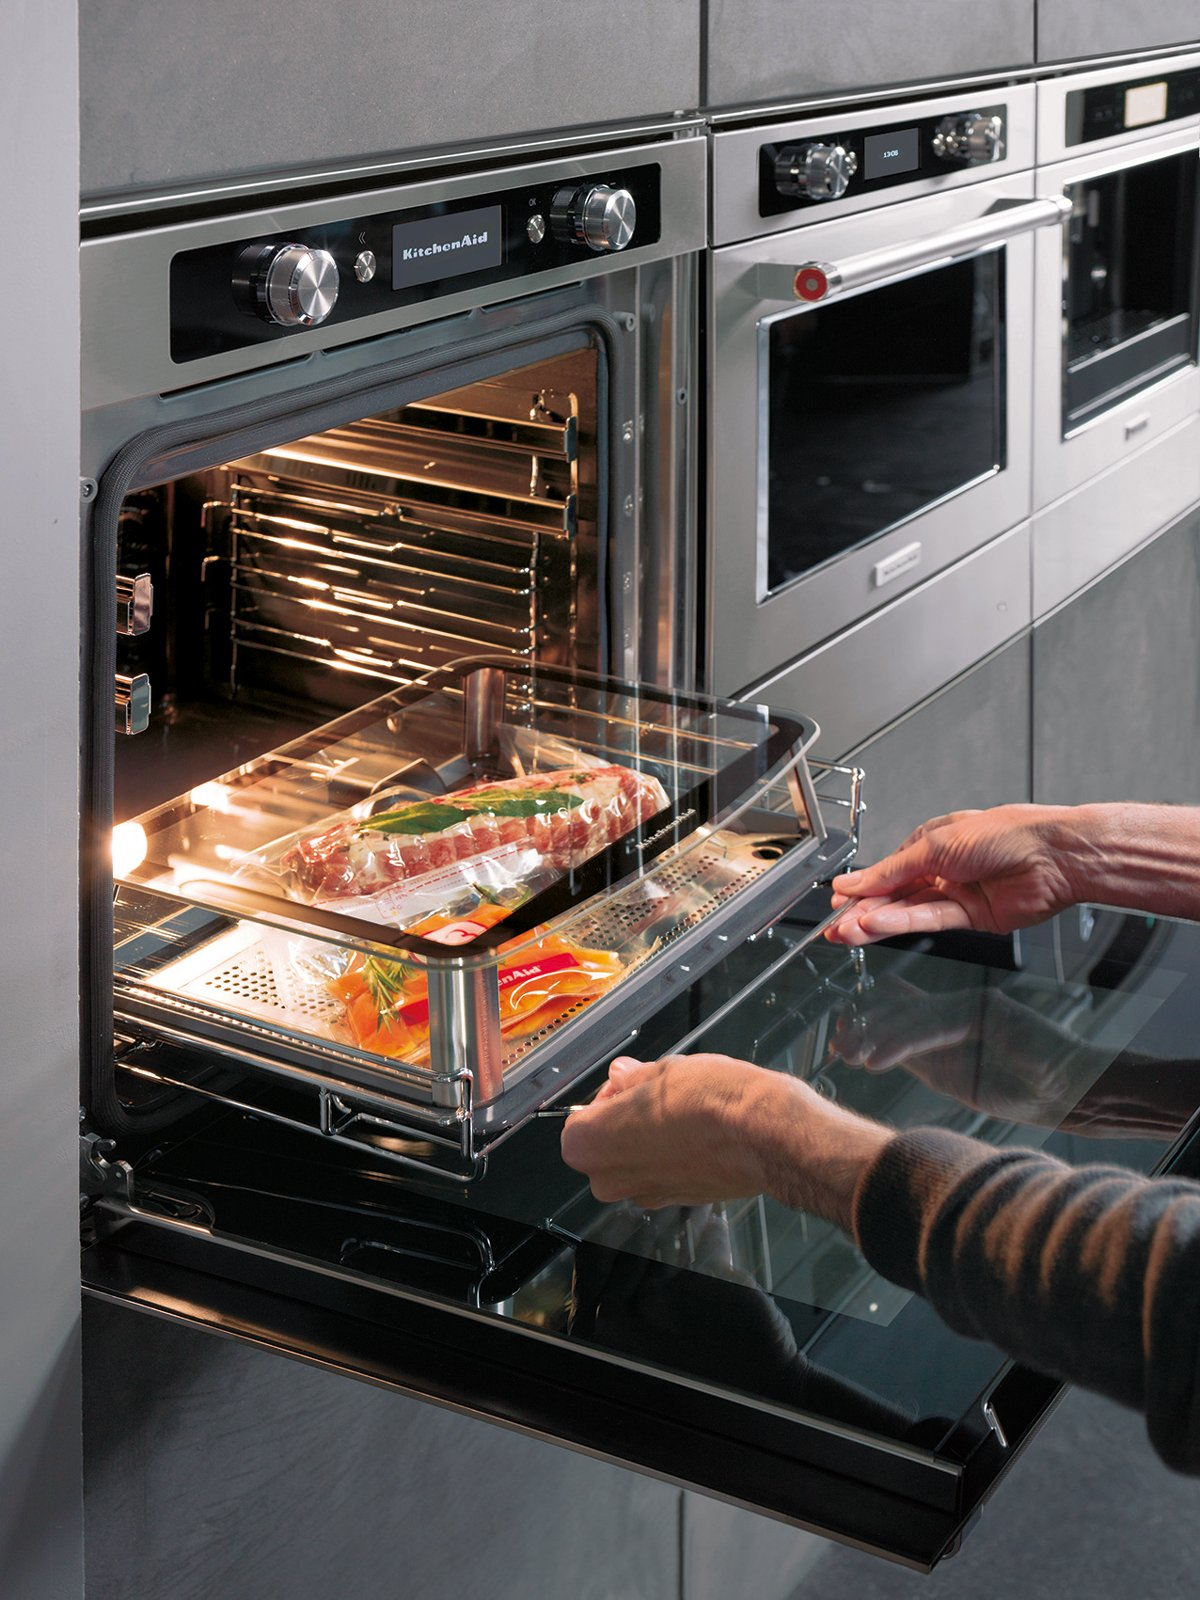 Elettrodomestici per cucinare a vapore cose di casa - Forno a vapore opinioni ...